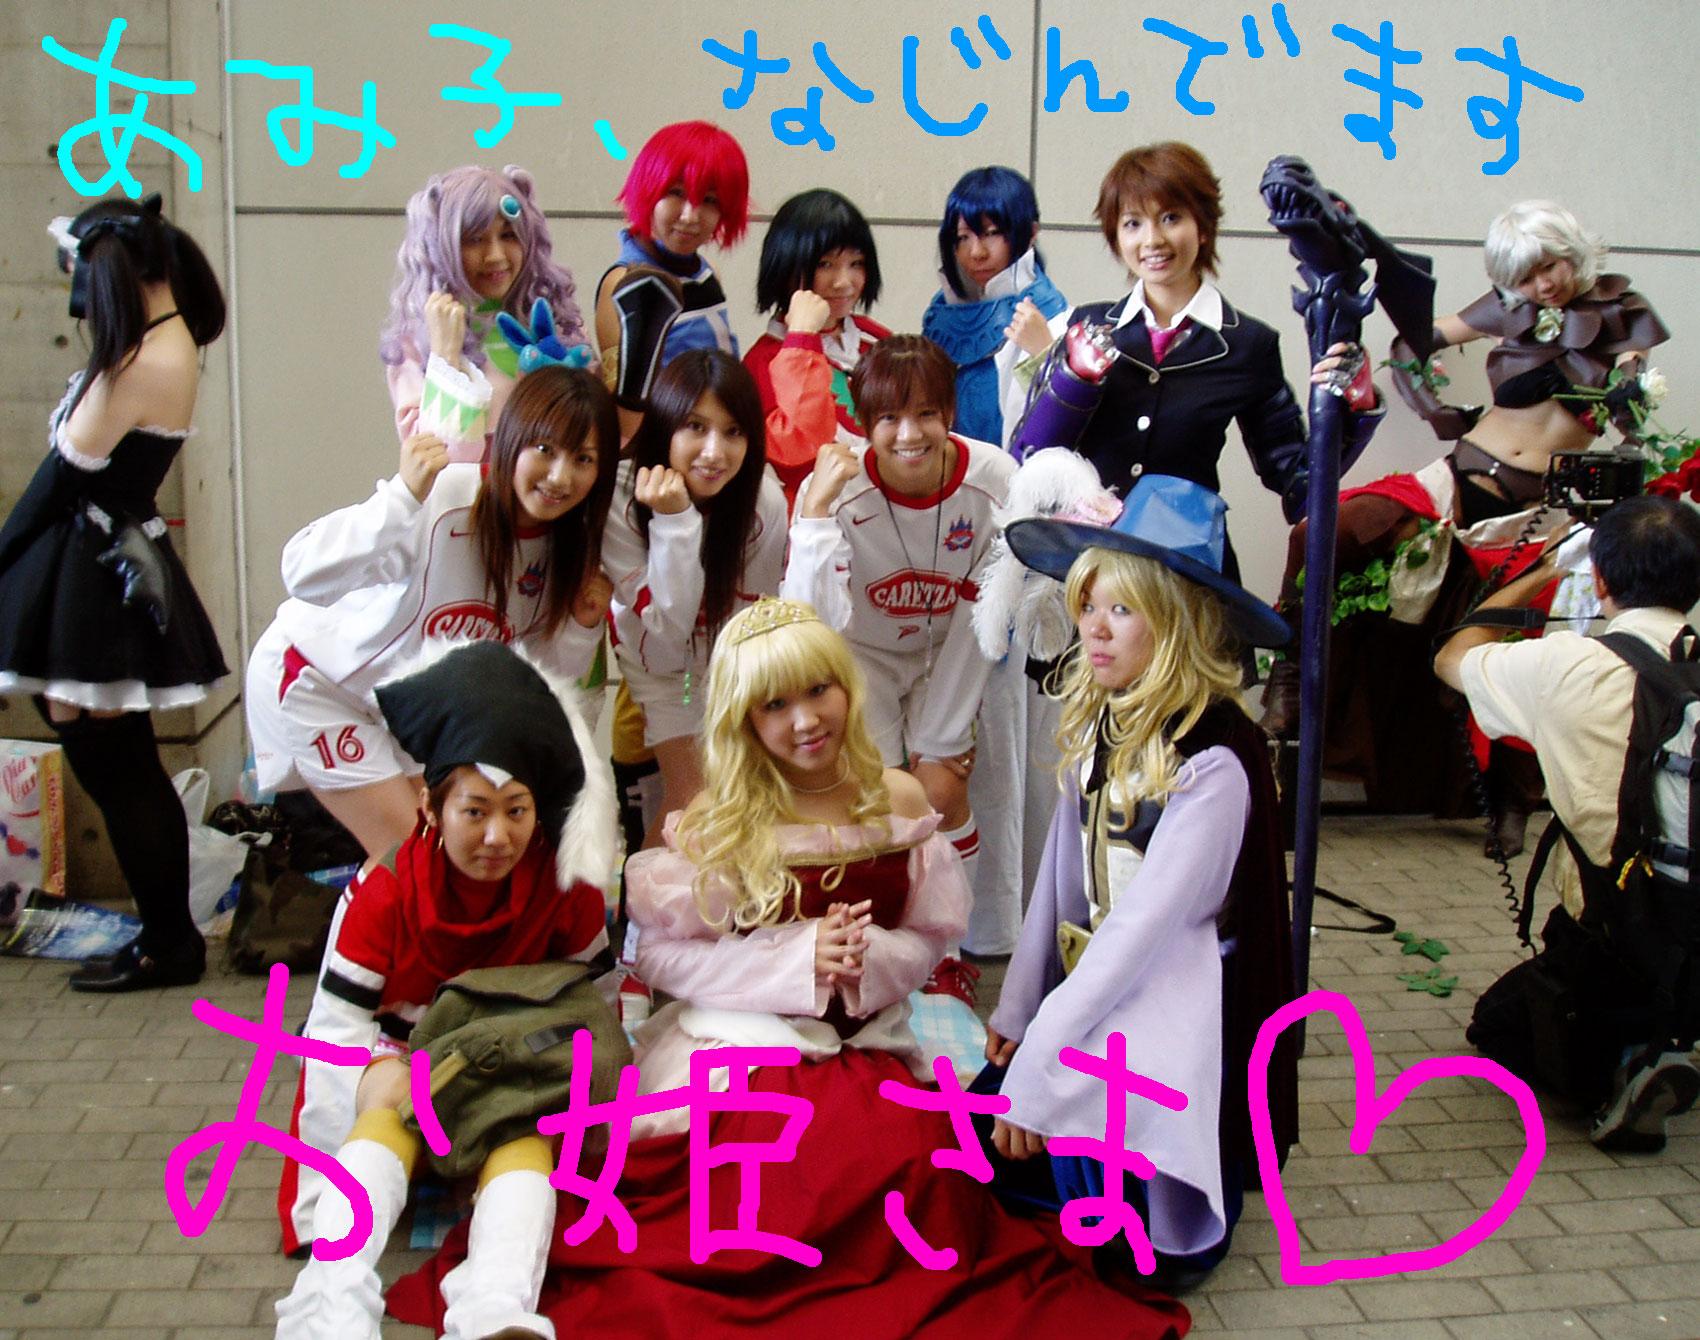 ゲームショー(☆。☆)_c0038100_2127746.jpg